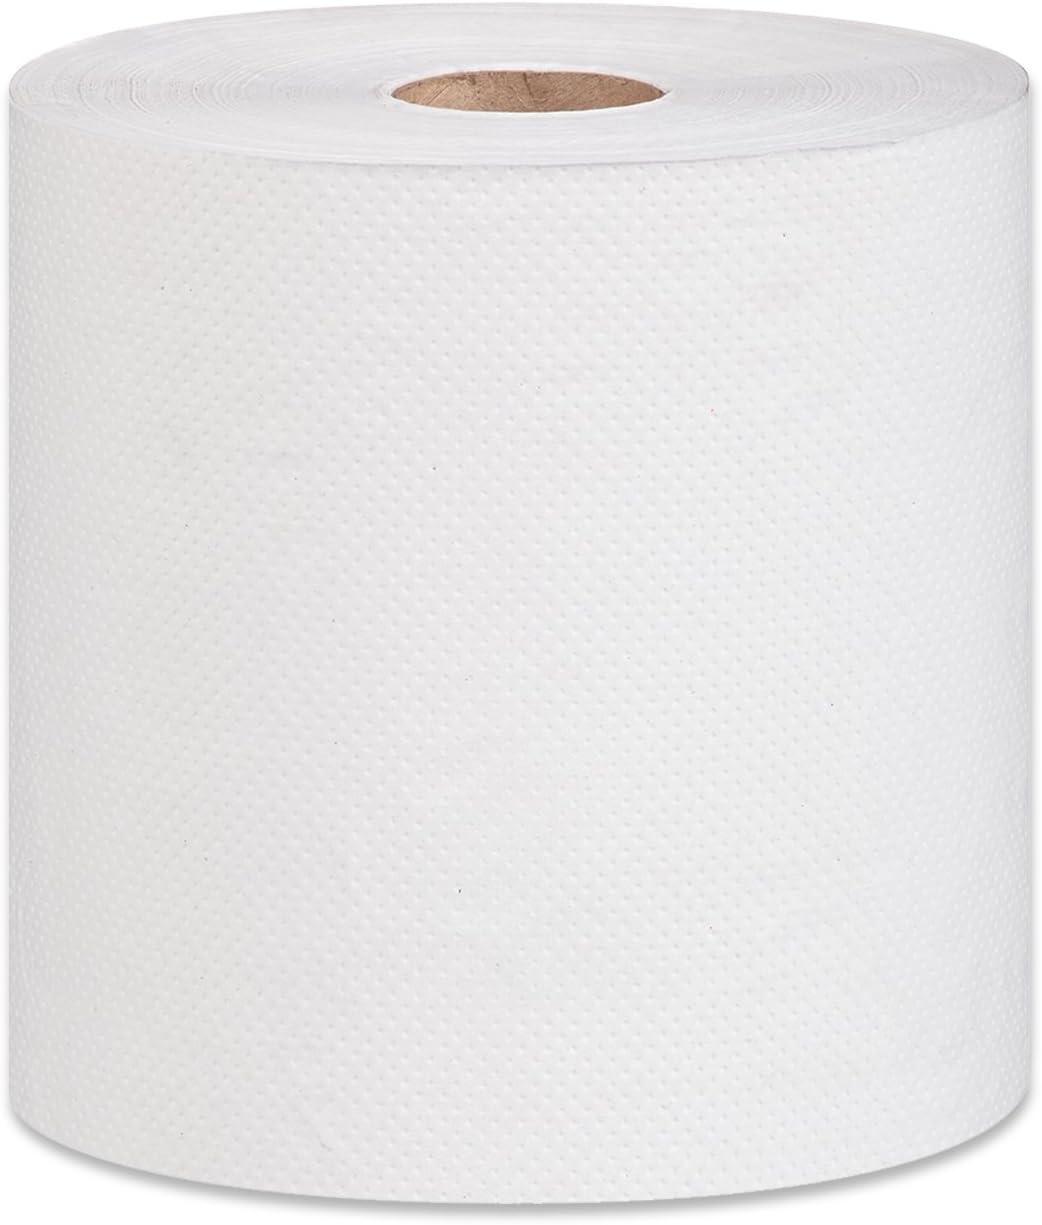 24 X Blanco Rollo De Cocina Toalla 2 capas papel de tejido blanco en relieve tan absorbente